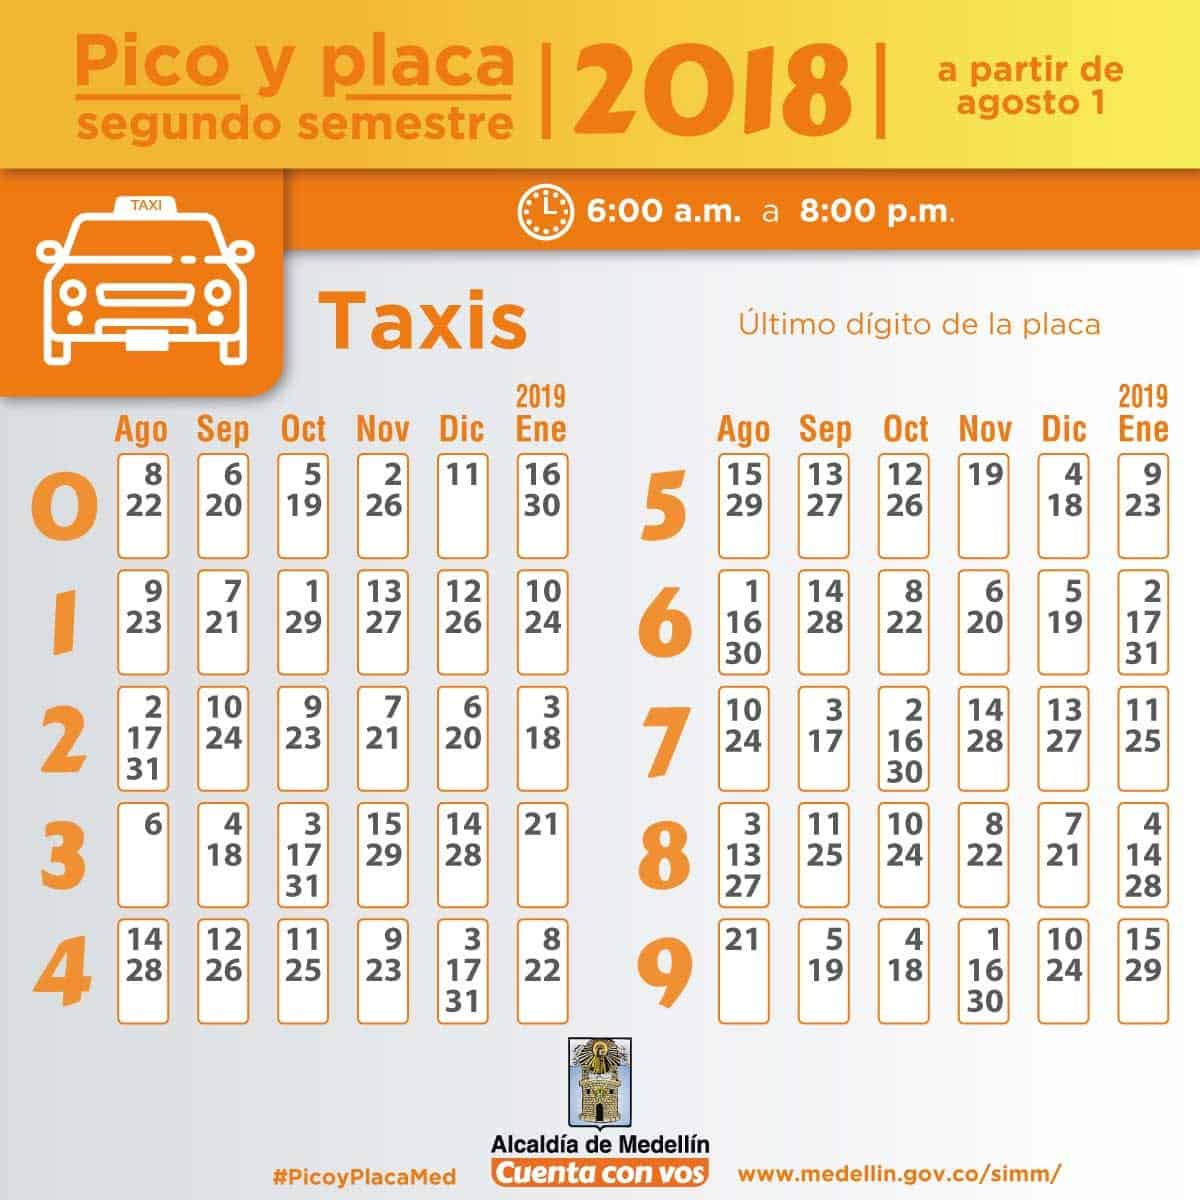 Pico y placa Taxis